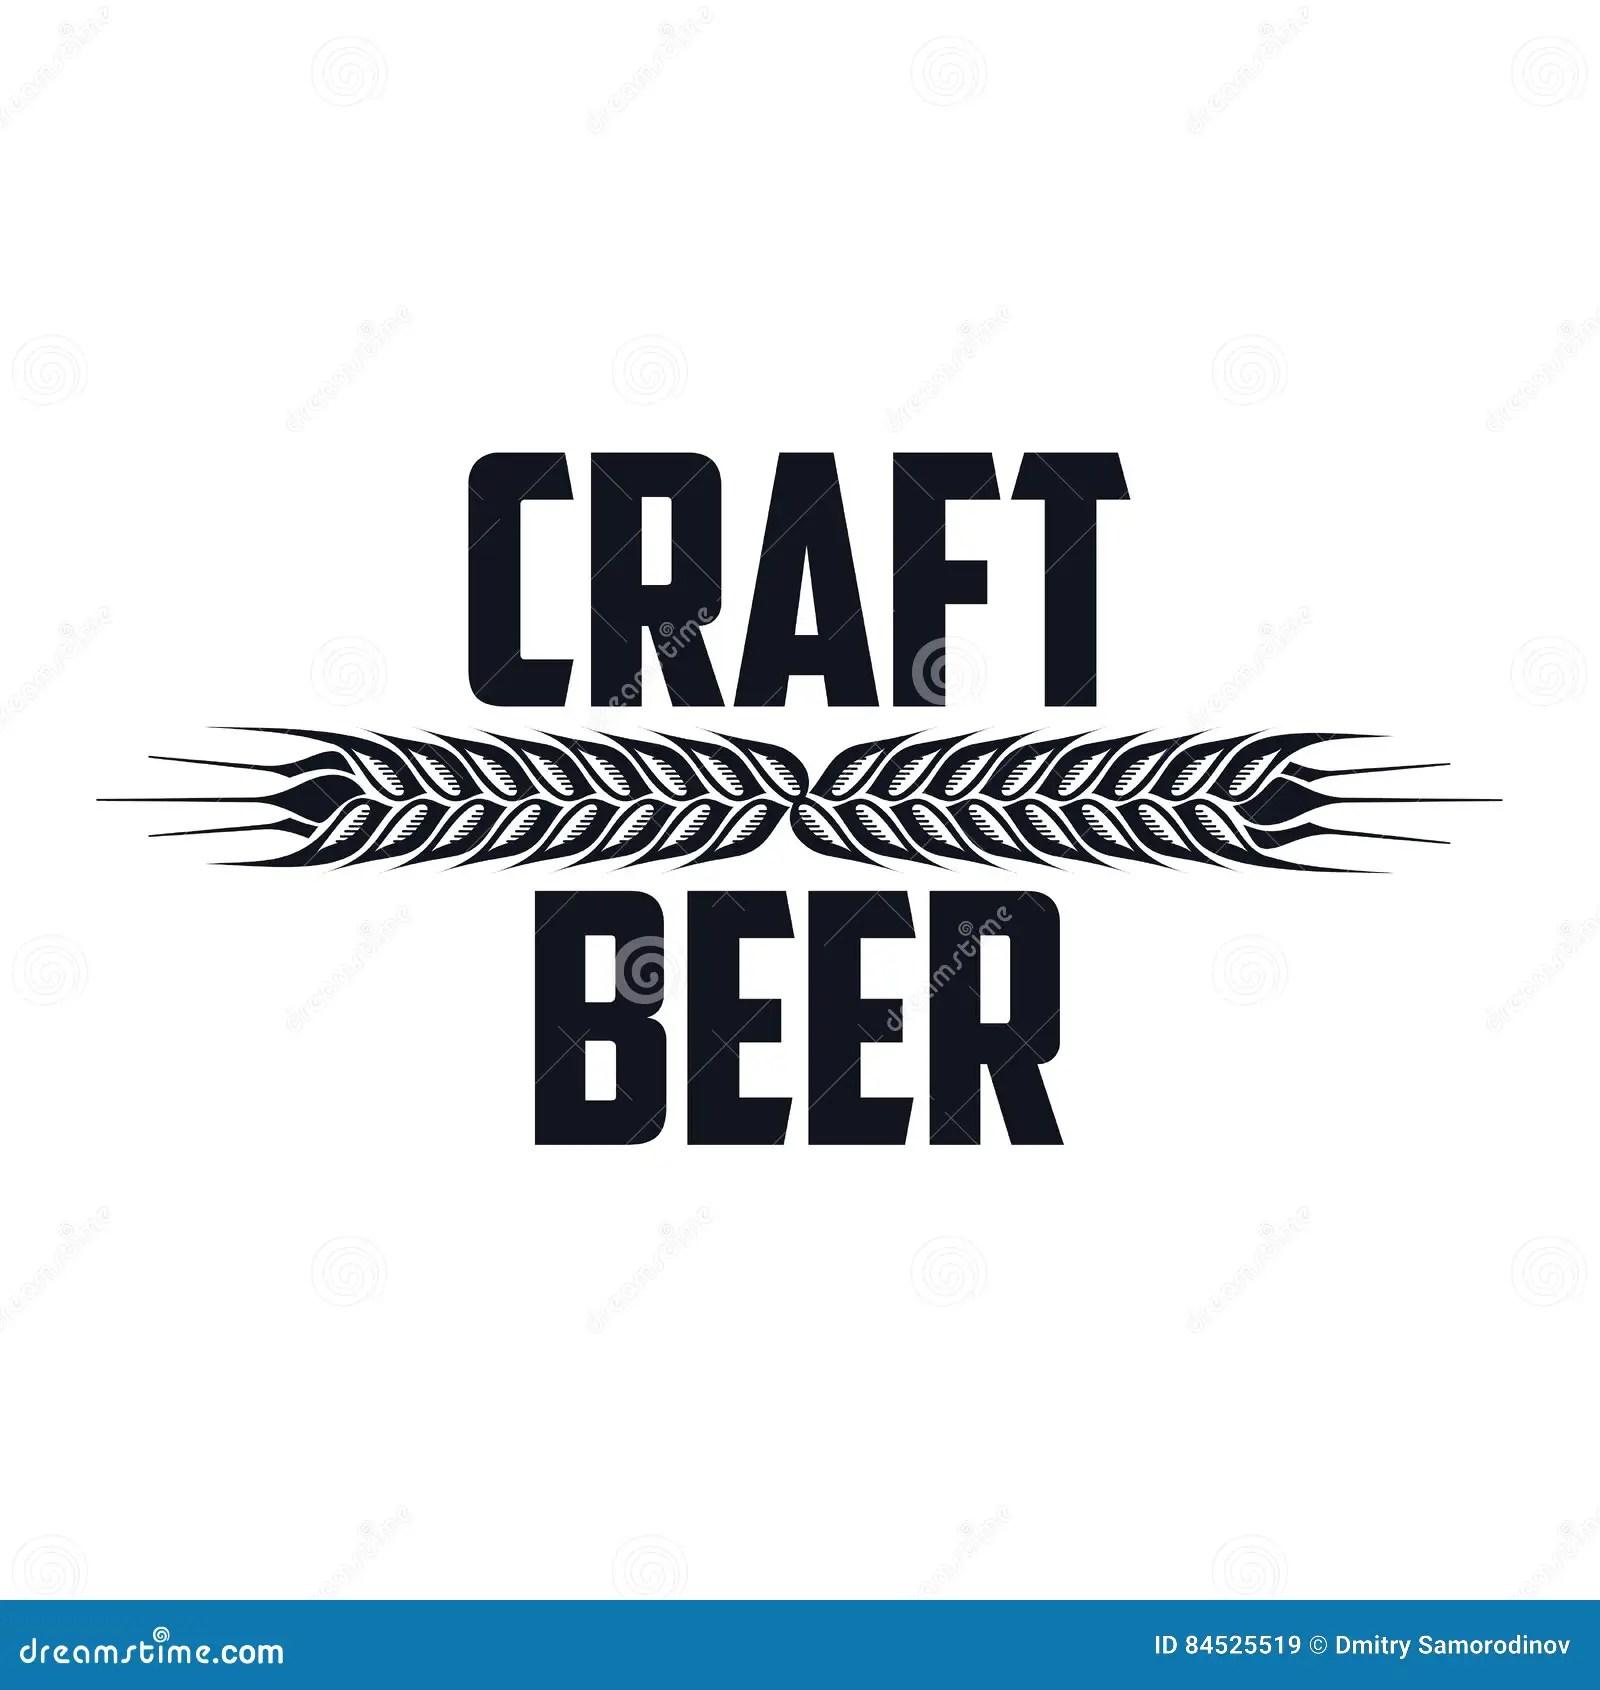 Clipart Beer